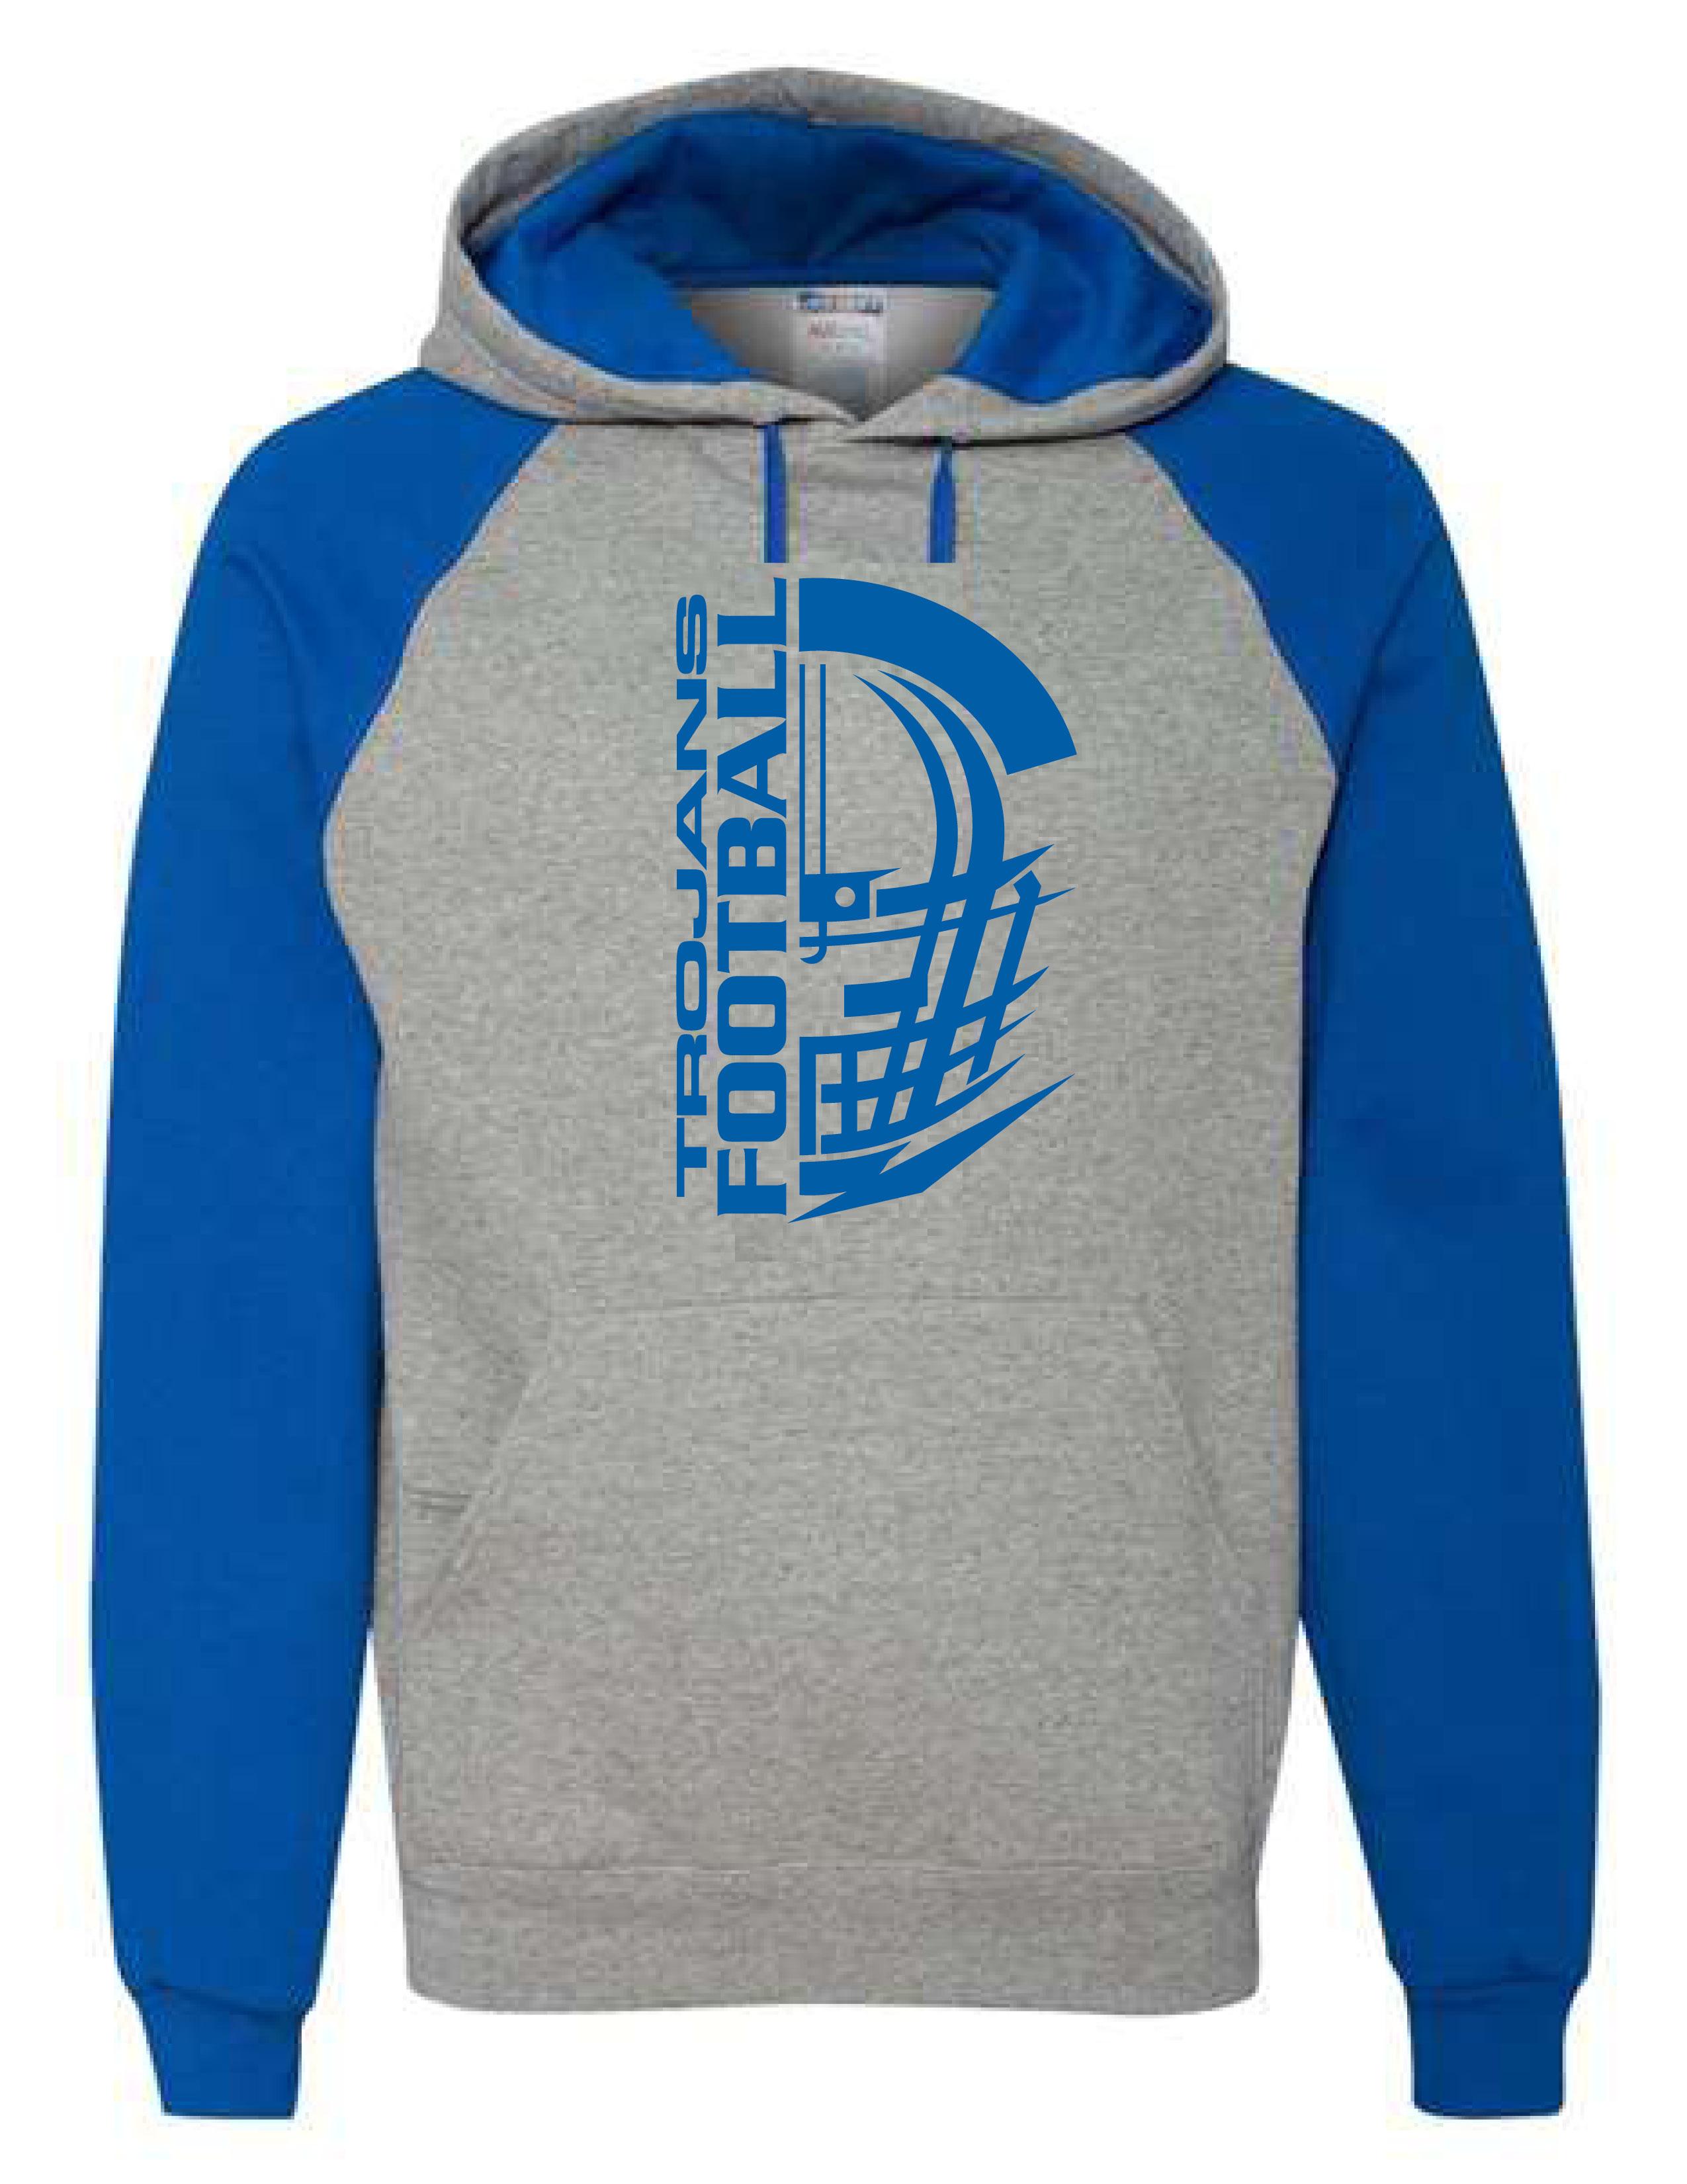 Colorblocked Hooded Sweatshirt (HELMET)